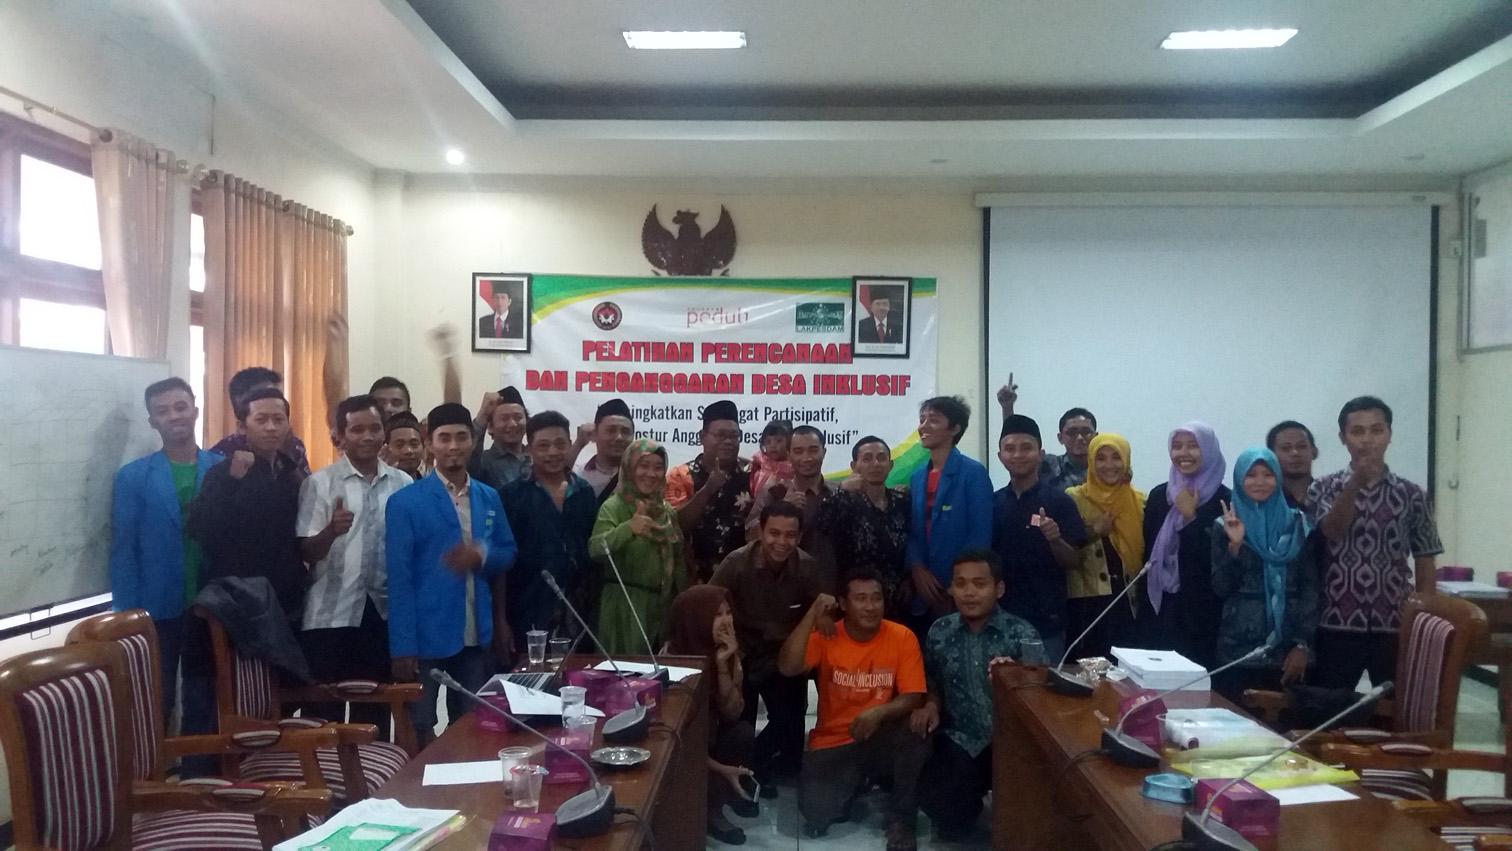 PELATIHAN: Para peserta saat mengikuti pelatihan perencanaan penganggaran yang diselenggarakan Lakpesdam NU di DPRD Jepara, baru-baru ini.